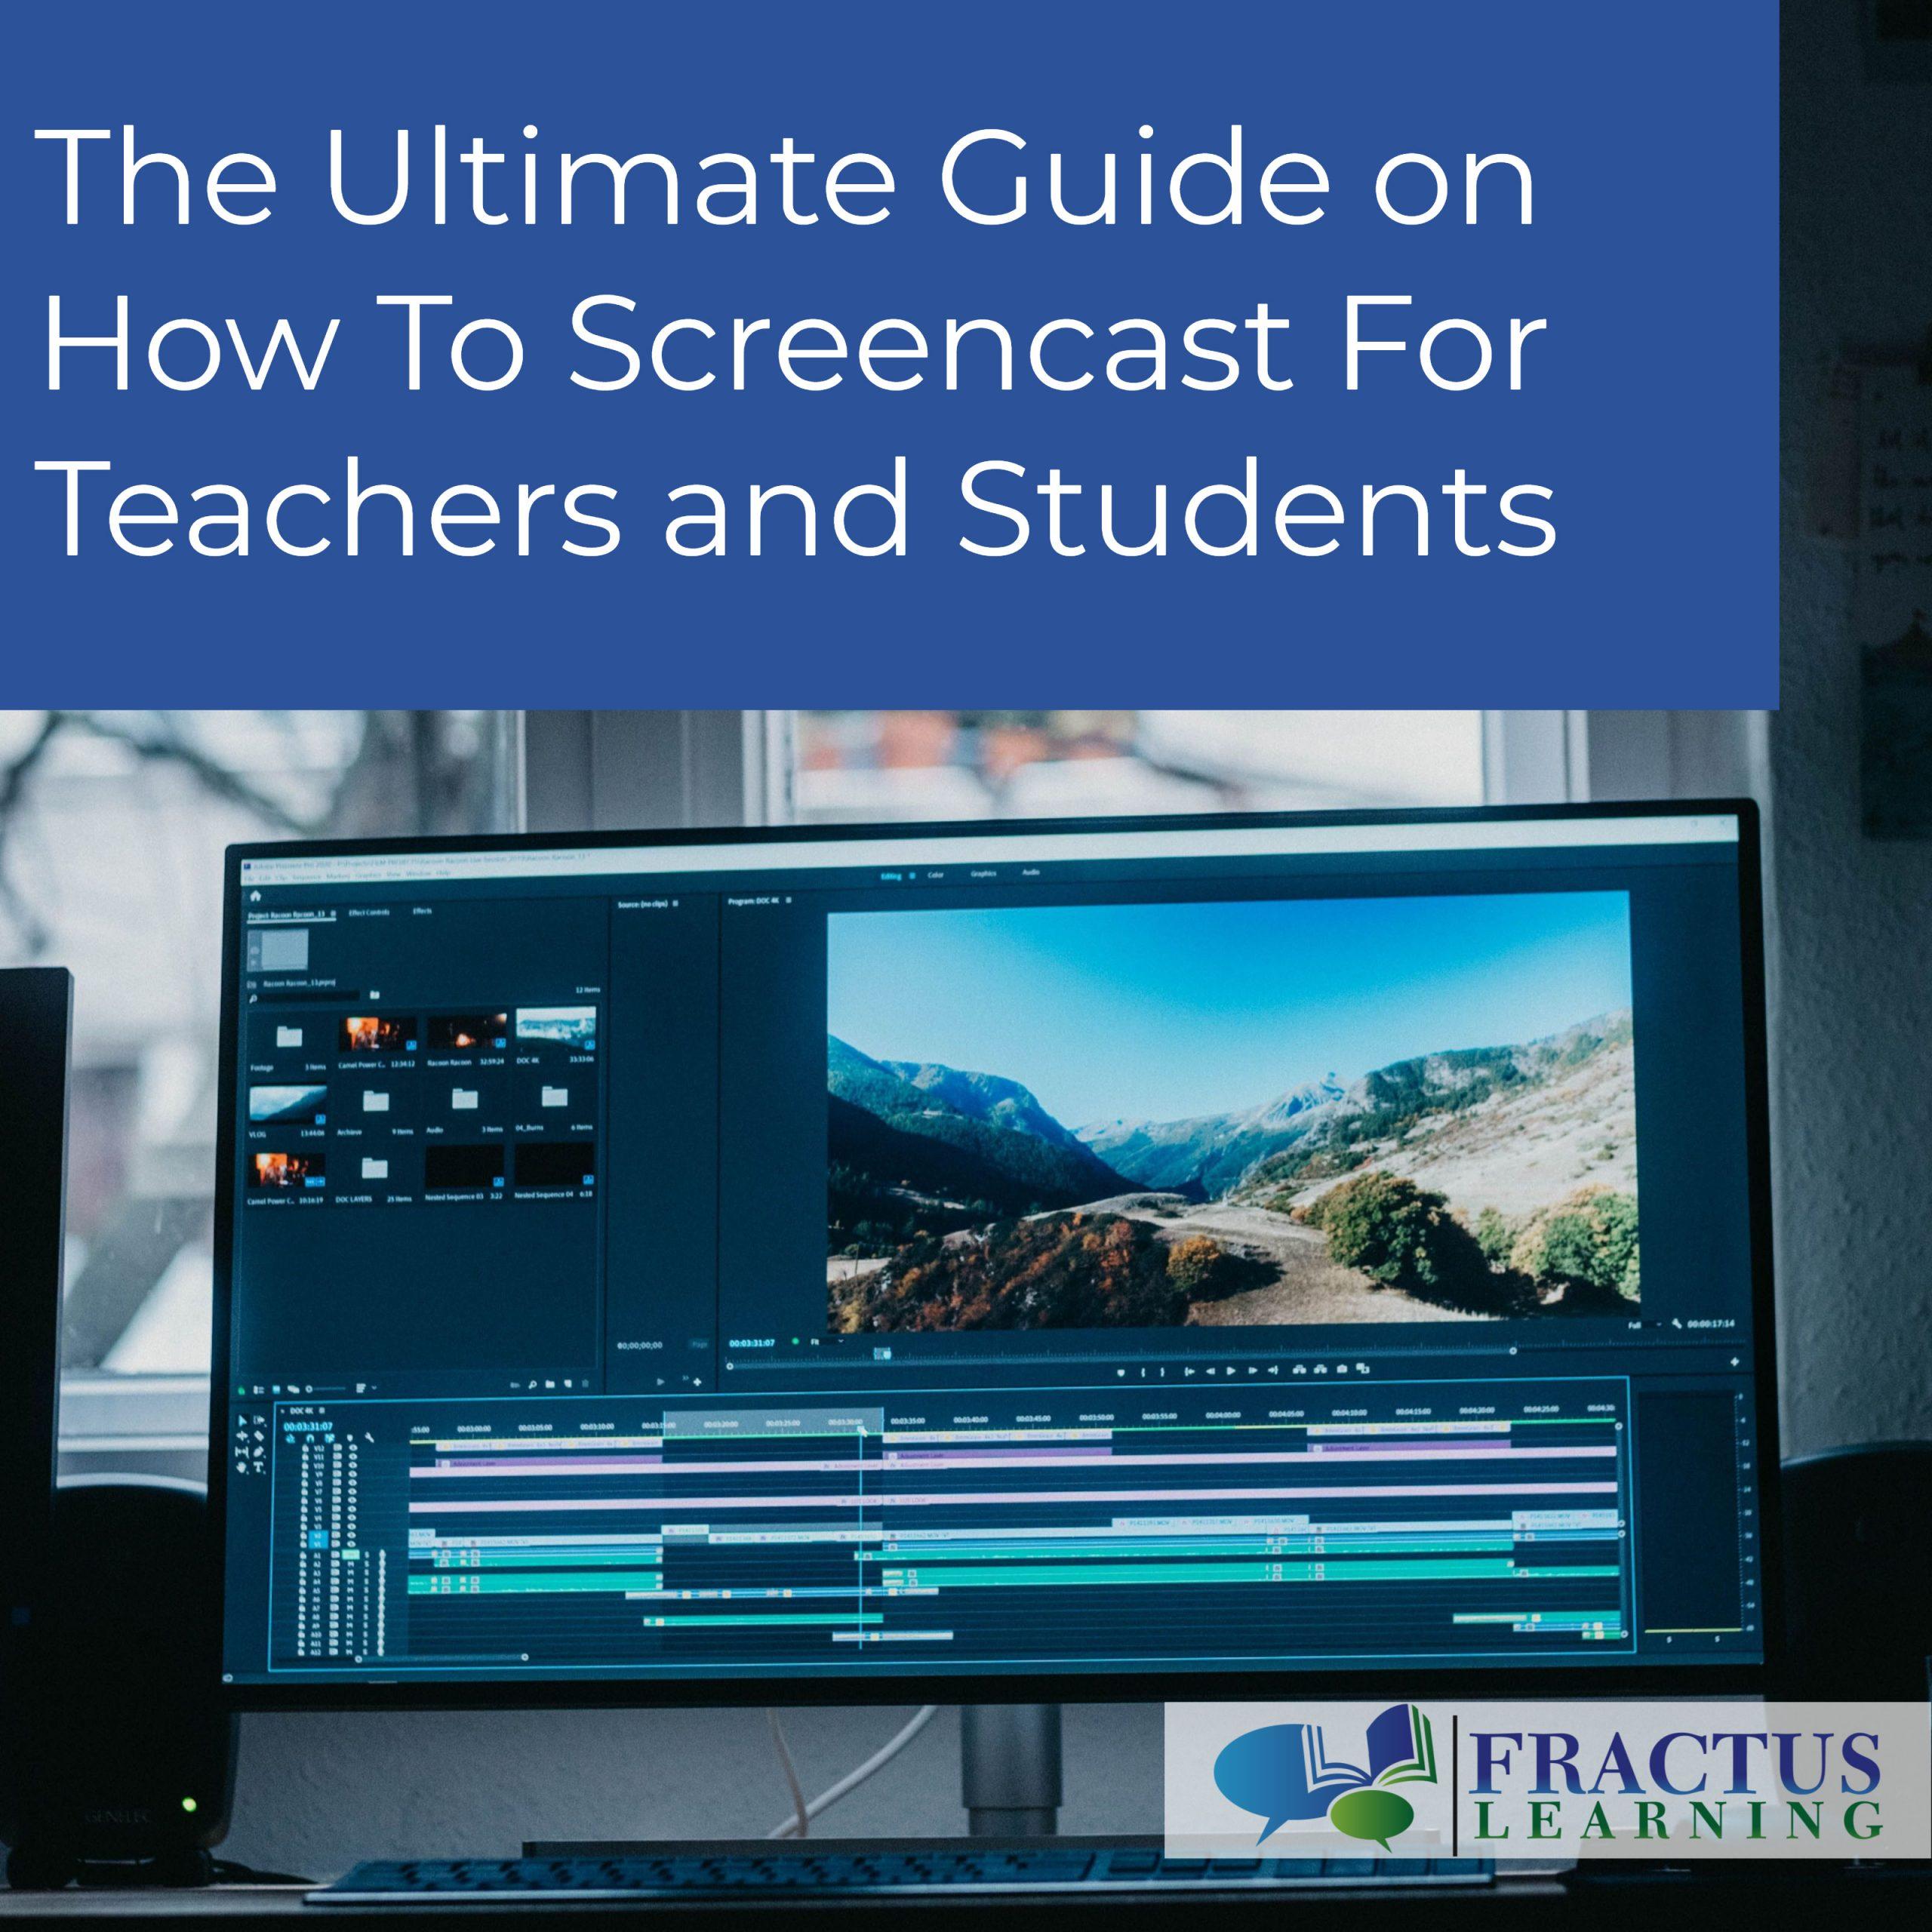 screencast guide hero